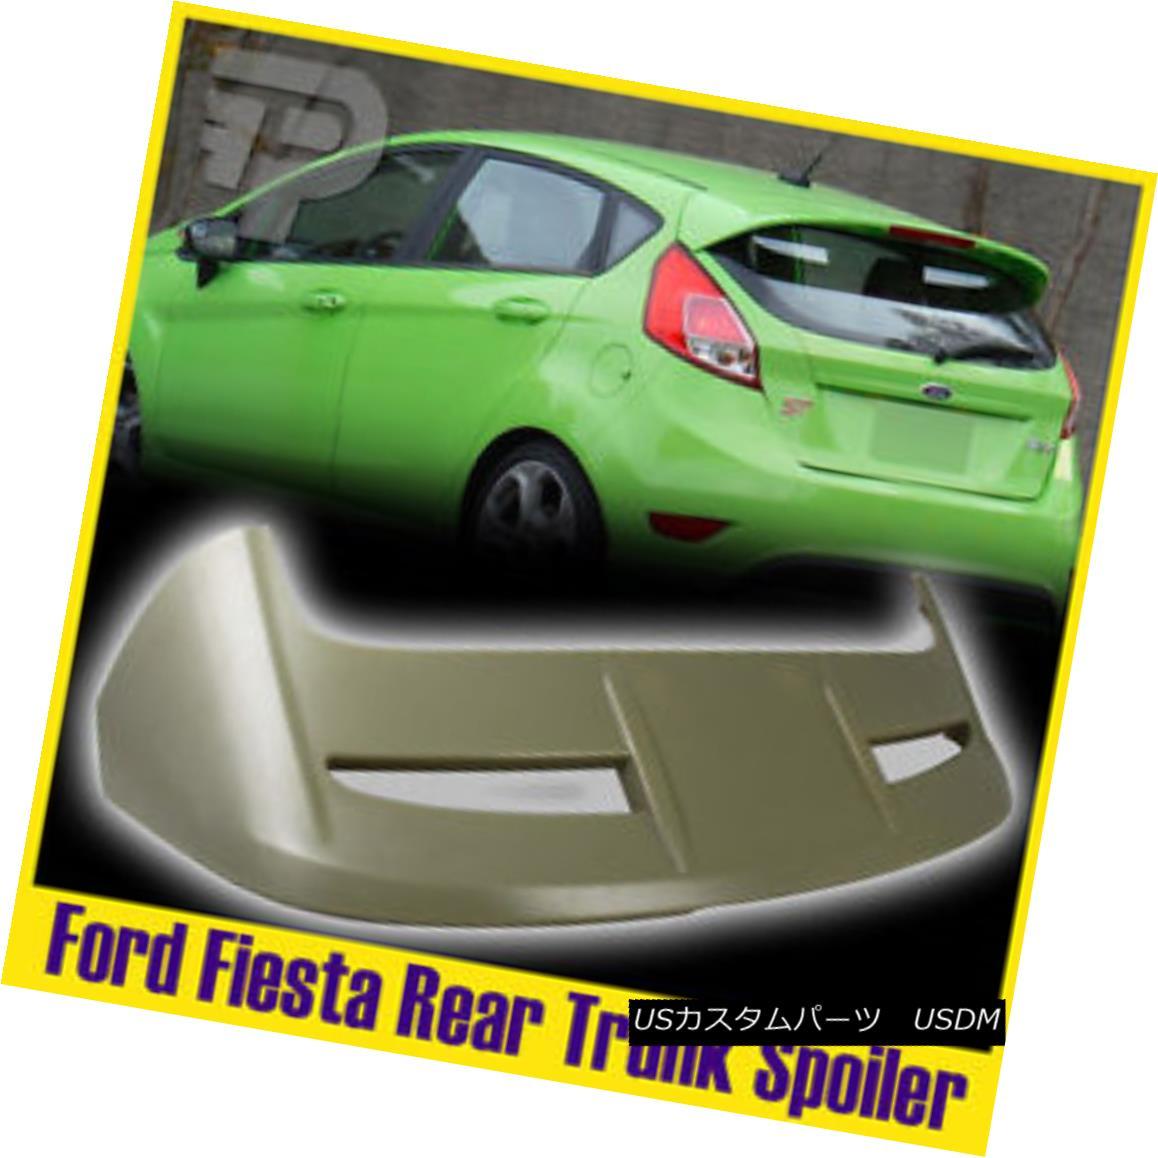 エアロパーツ For Ford Fiesta 6rd 4-Door Unpainted Rear Boot Roof Trunk Spoiler Wing 2016 SE フォードフィエスタ6rd 4ドア無塗装リア・ブートルーフ・トランク・スポイラー・ウイング2016 SE